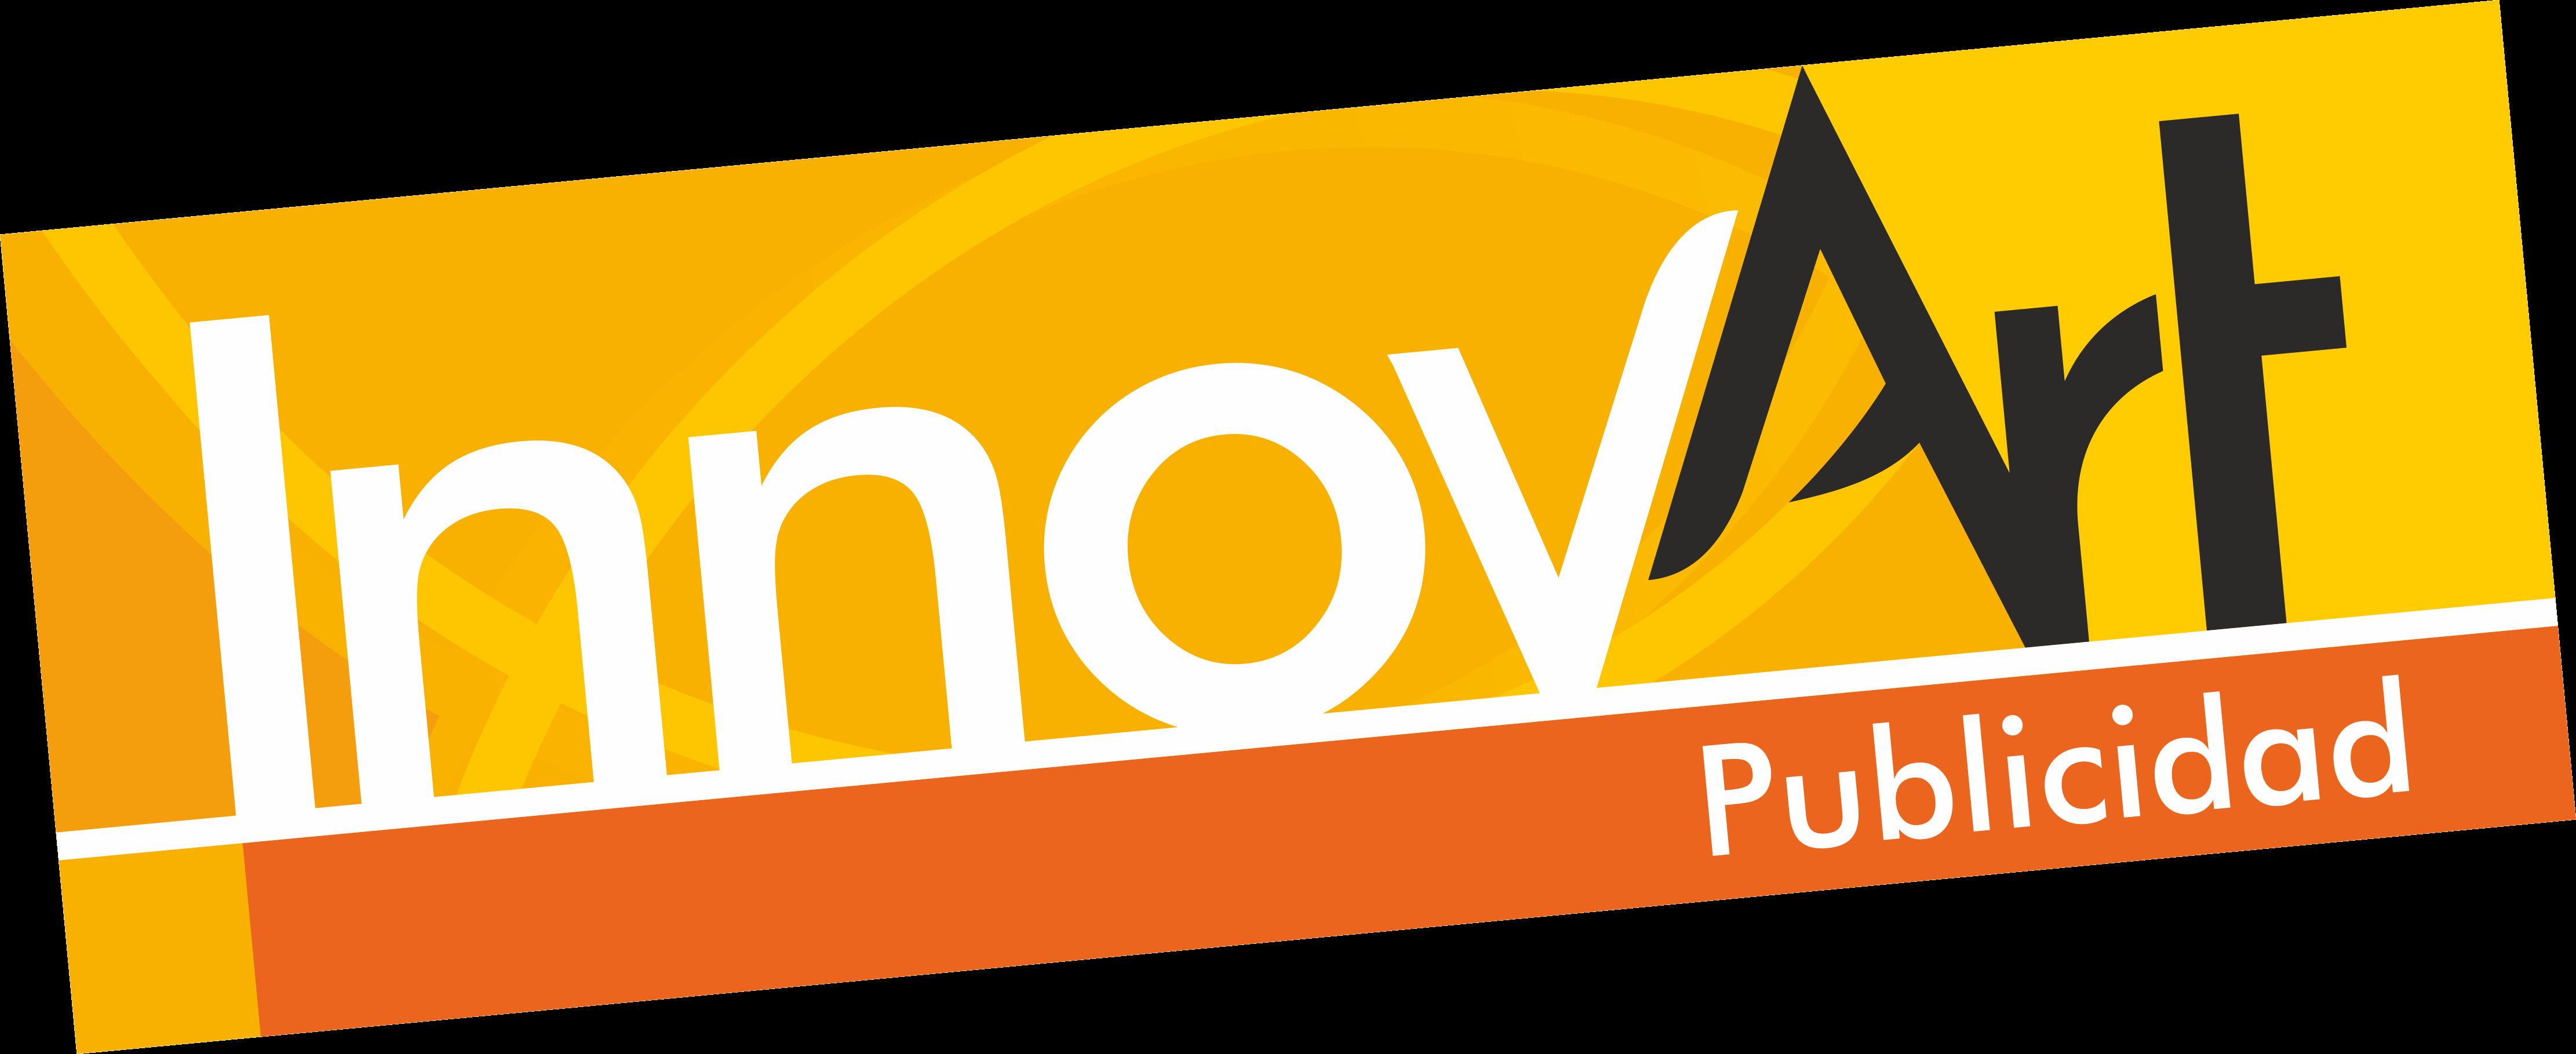 innovart